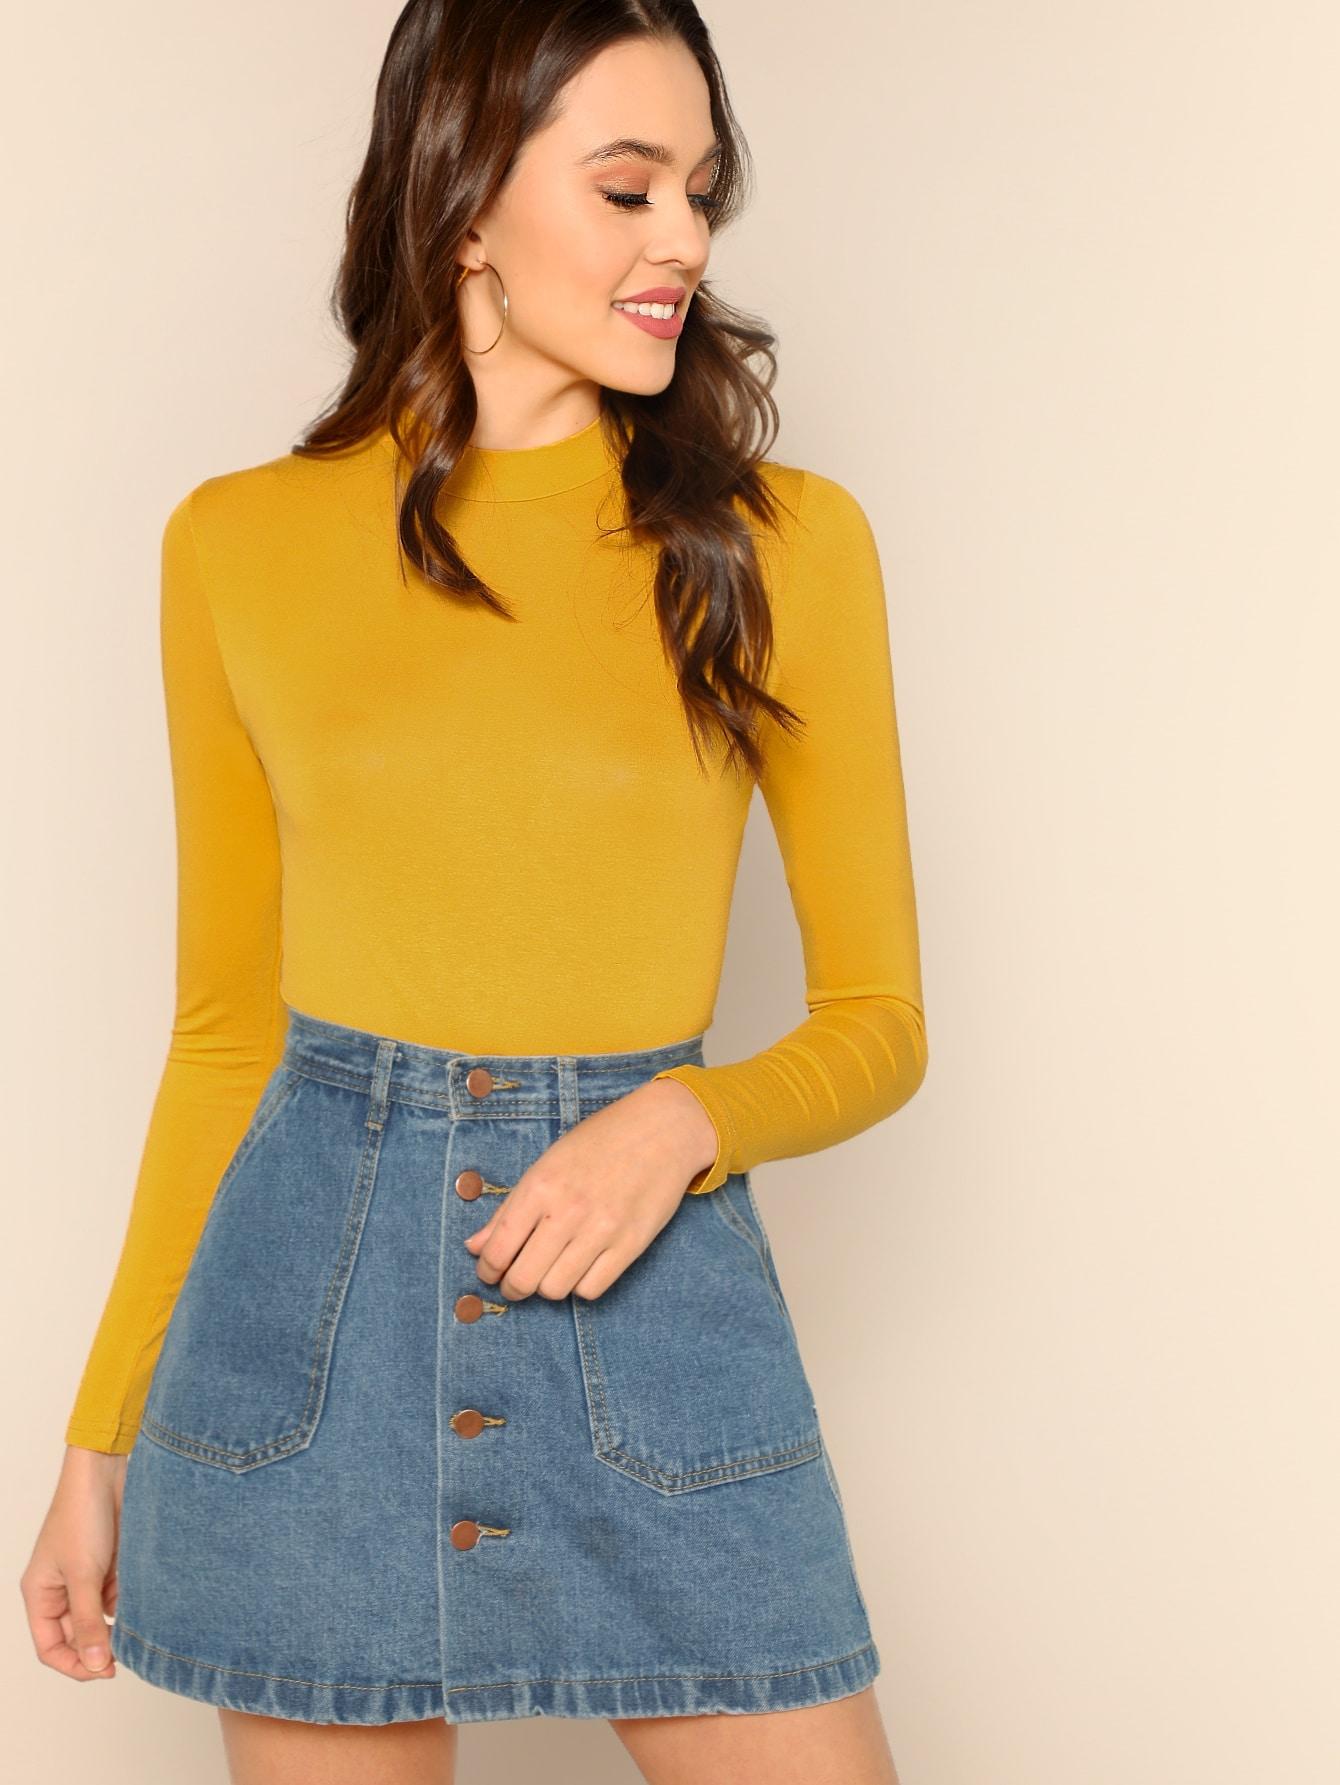 Купить Жёлтый Одноцветный Элегантный стиль Футболки, Katie Fitzsimmons, SheIn